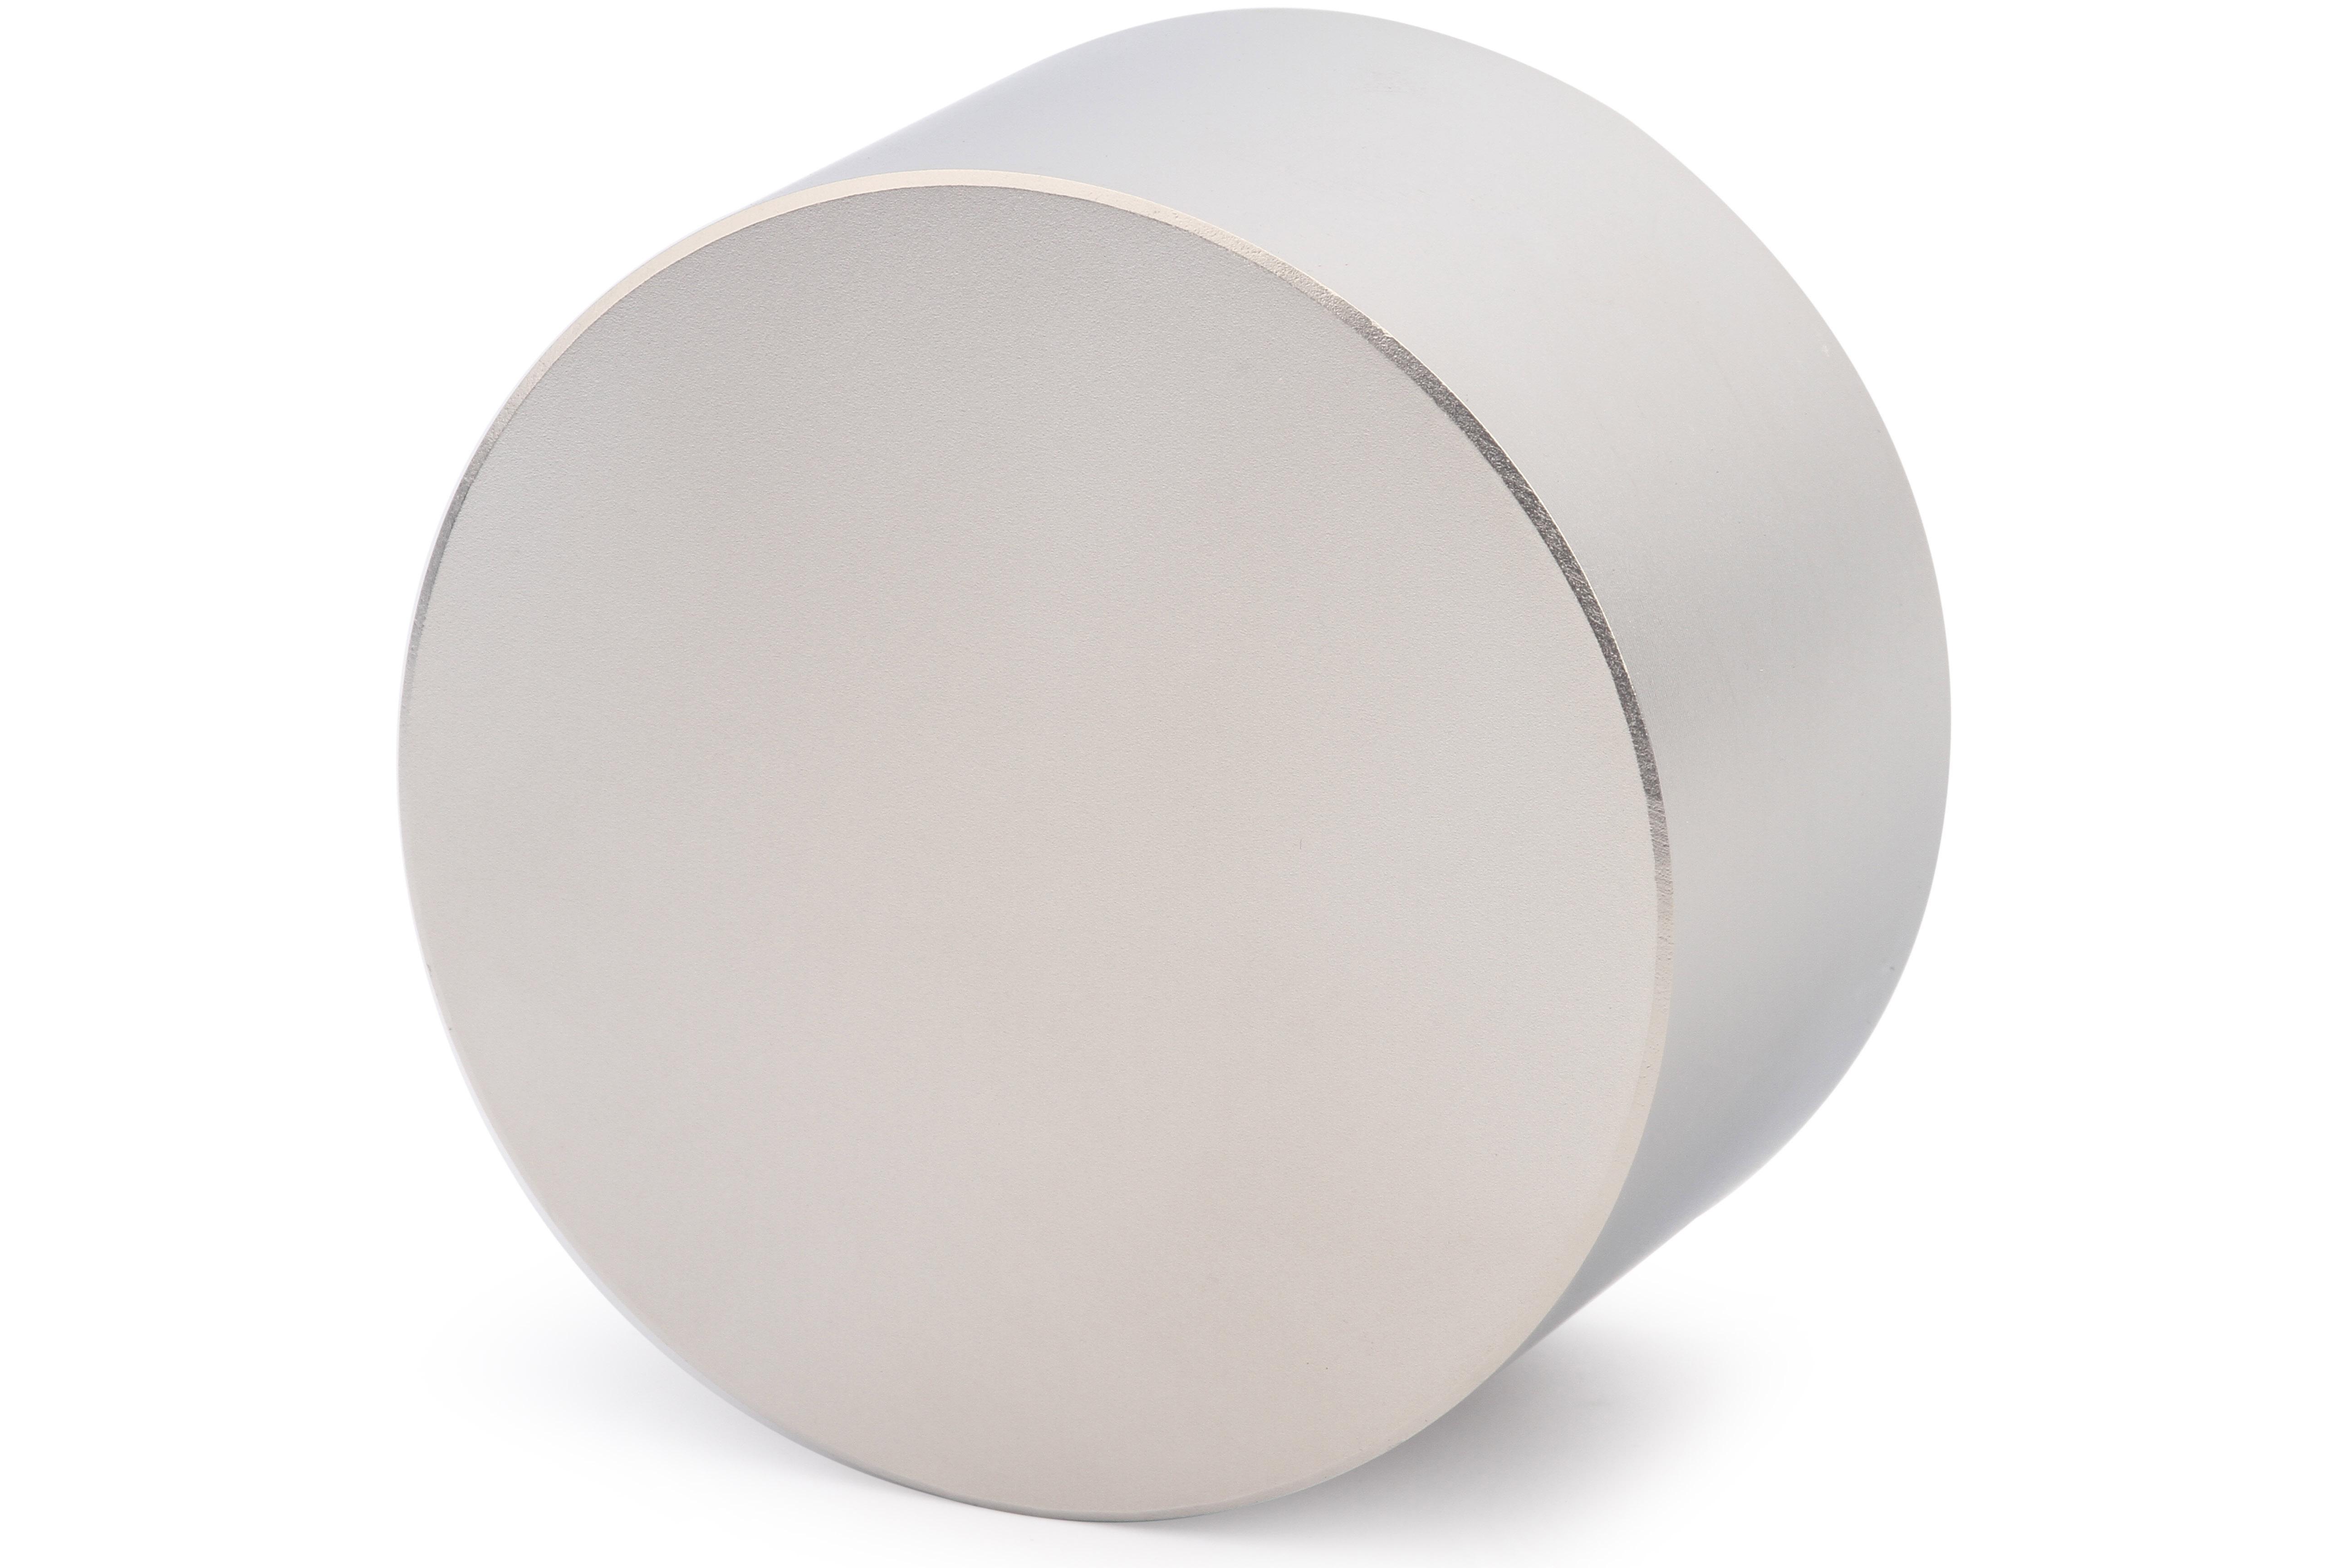 Мир Магнитов Неодимовый магнит диск 70х40 мм